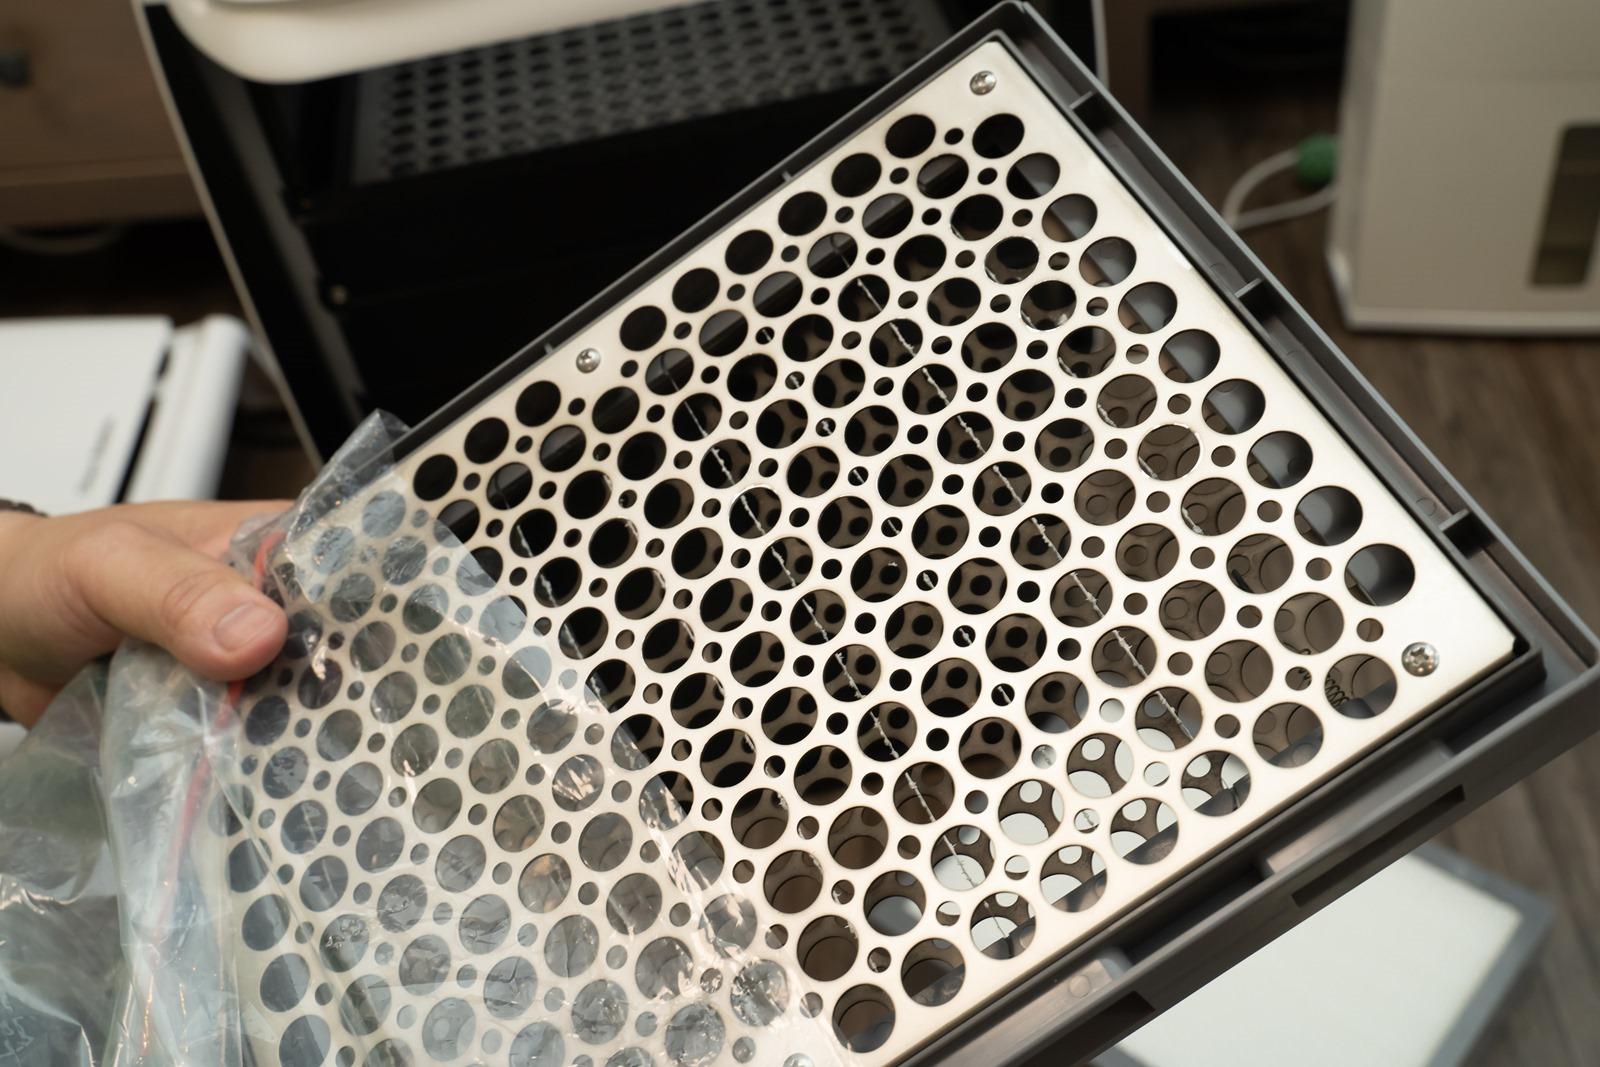 不只有 HEPA 濾網,還有電漿滅菌!居家防疫就靠克立淨 A71 電漿滅菌空氣清淨機,給你真正的好空氣! @3C 達人廖阿輝